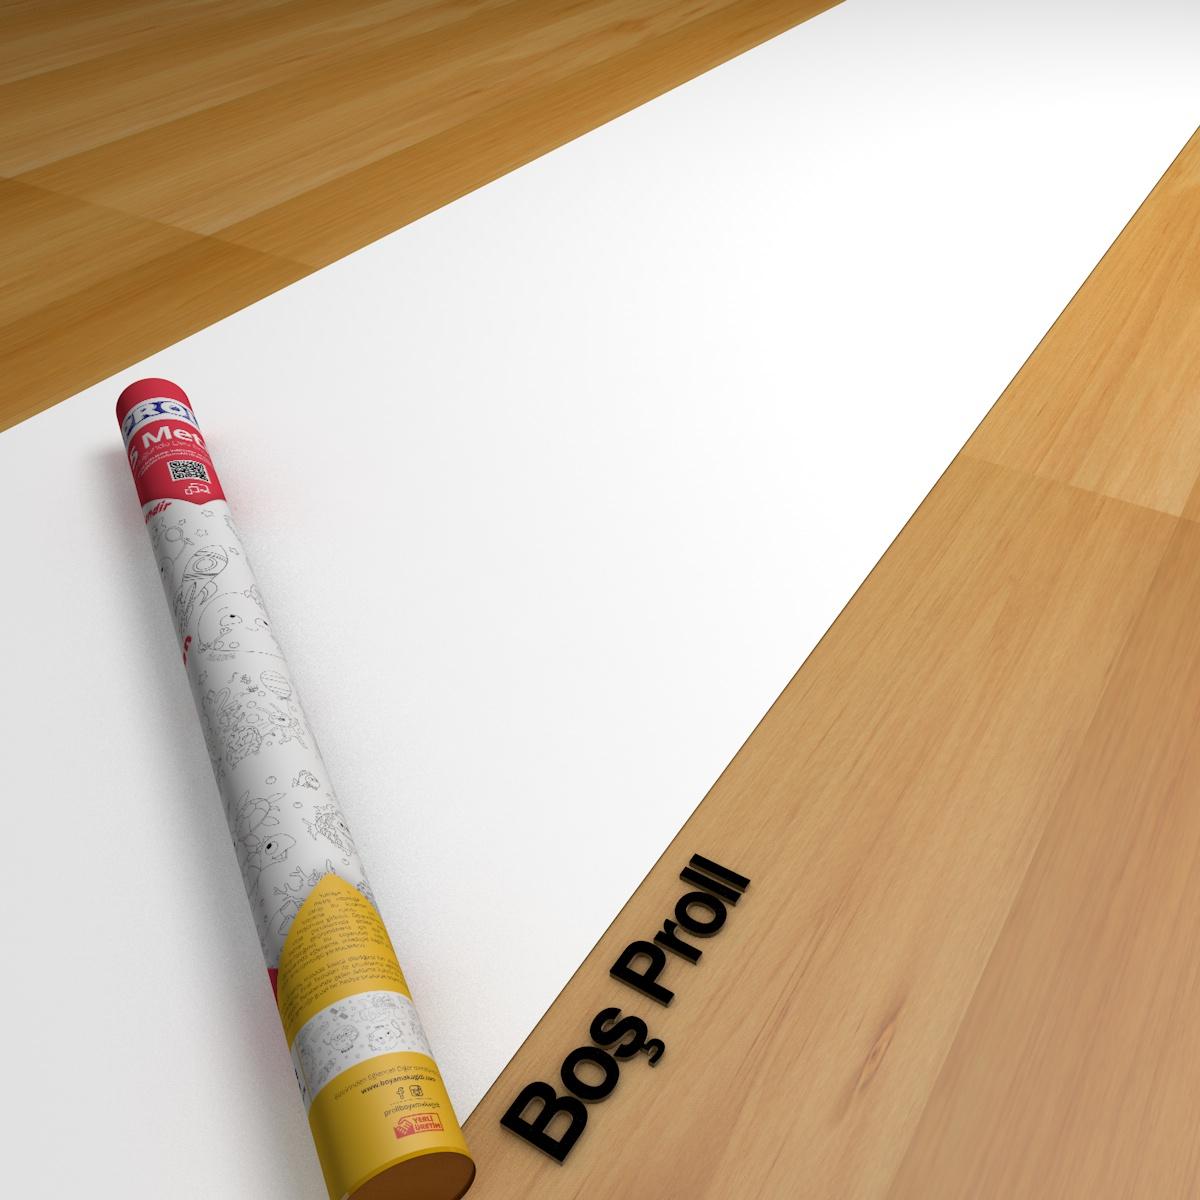 Proll Dev Boyama Kağıdı - 5 Metre Boş Boyama Kağıdı